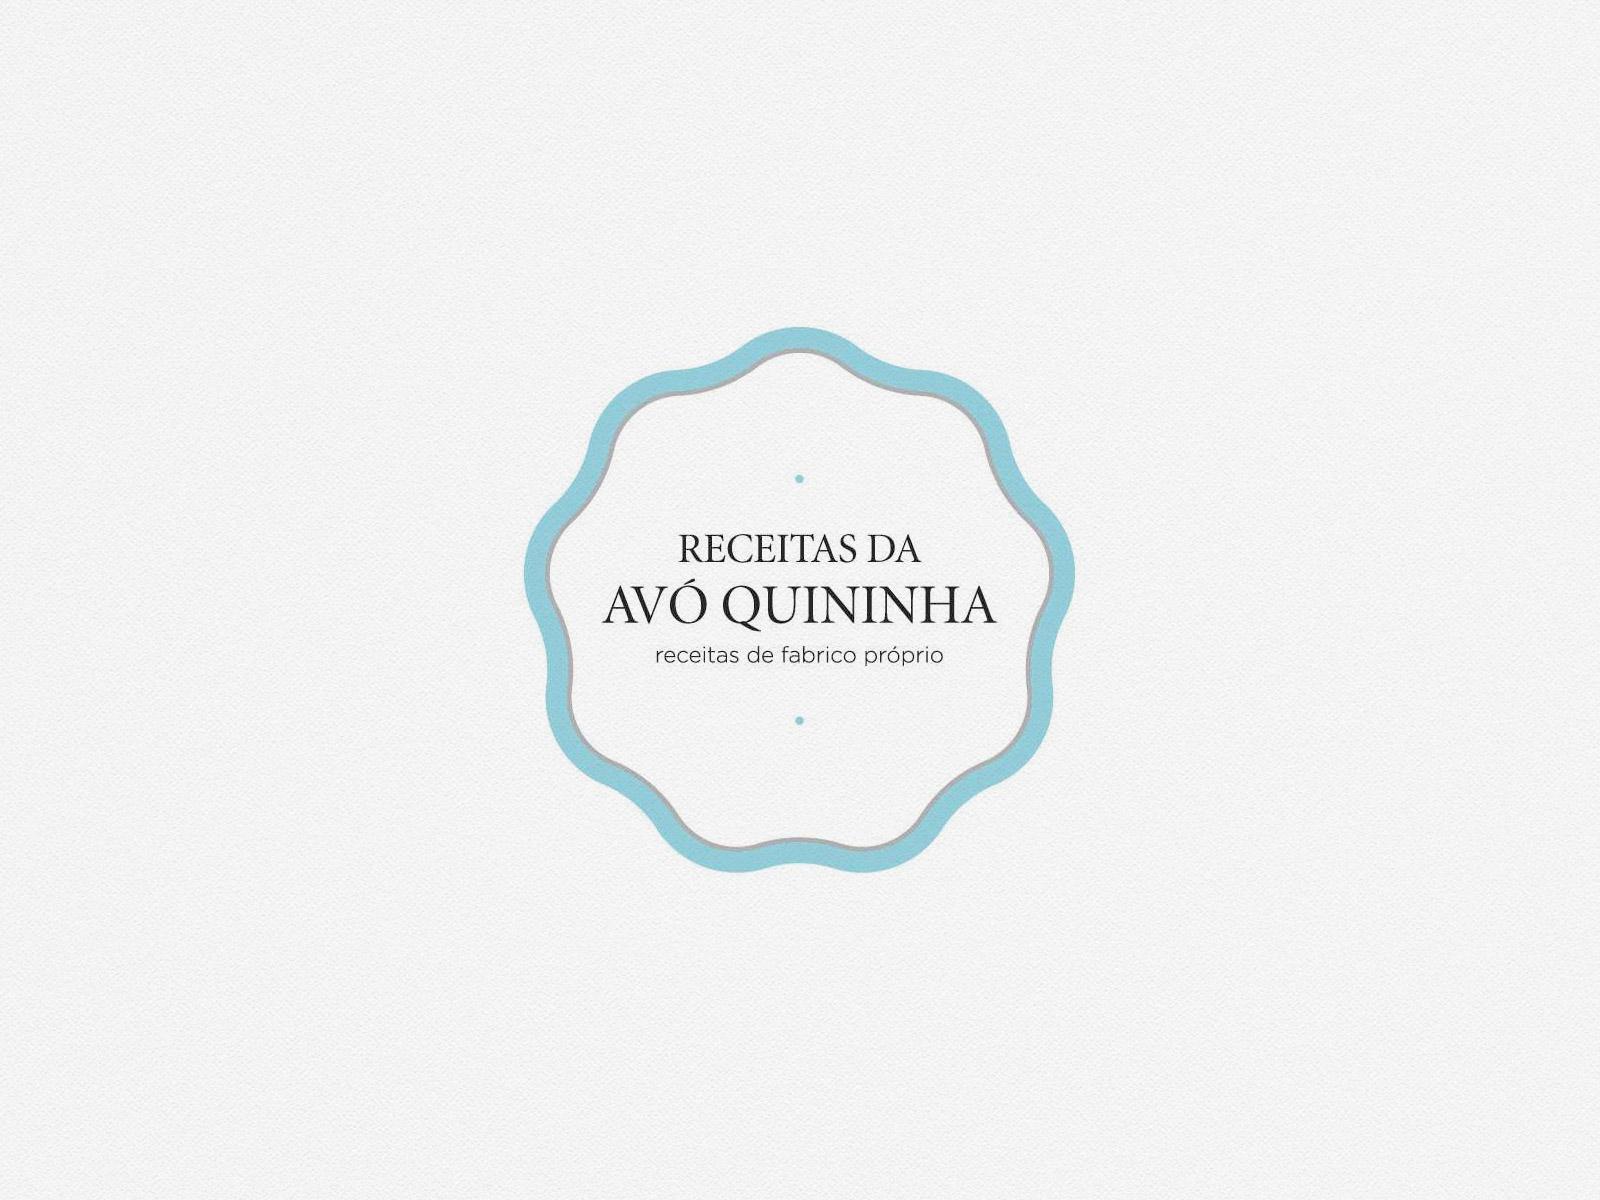 RECEITAS DA AVÓ QUININHA - 1